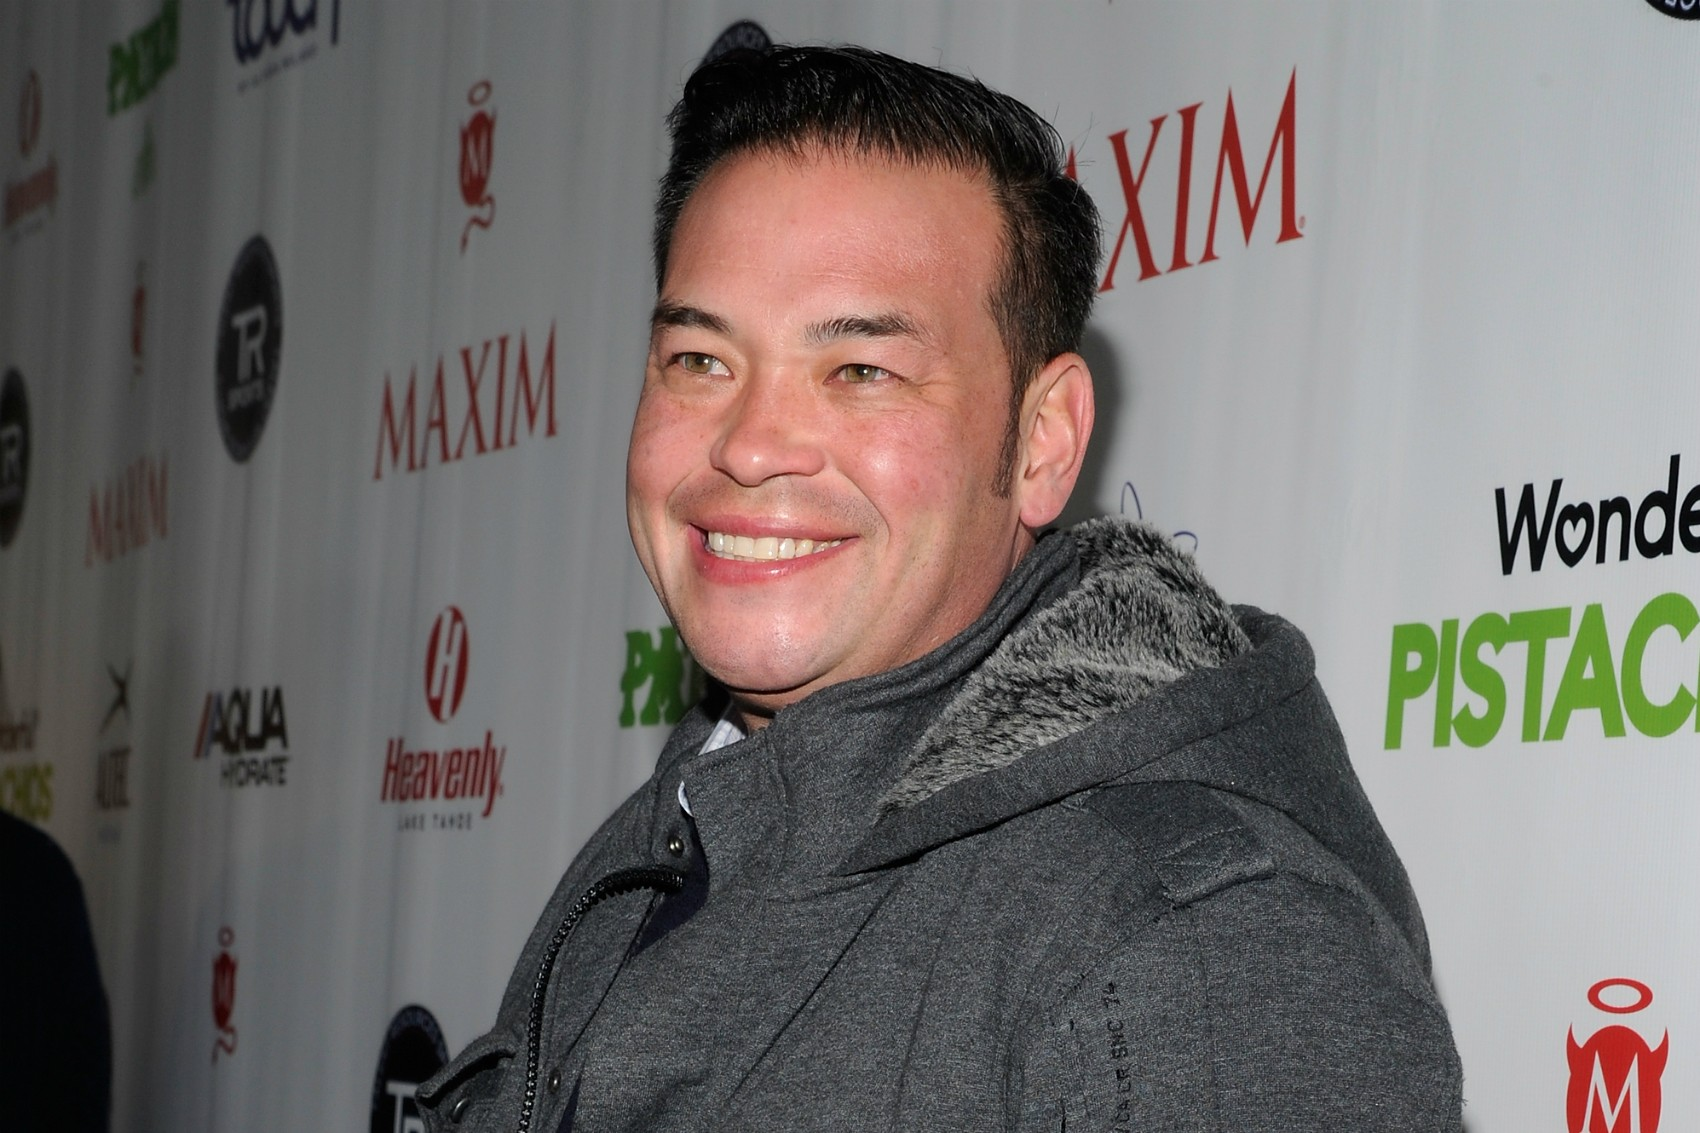 Jon Gosselin, astro de um reality show que mostra seu dia a dia com a ex-esposa e os oito filhos, supostamente teve um monte de amantes antes de se divorciar oficialmente da mulher. (Foto: Getty Images)